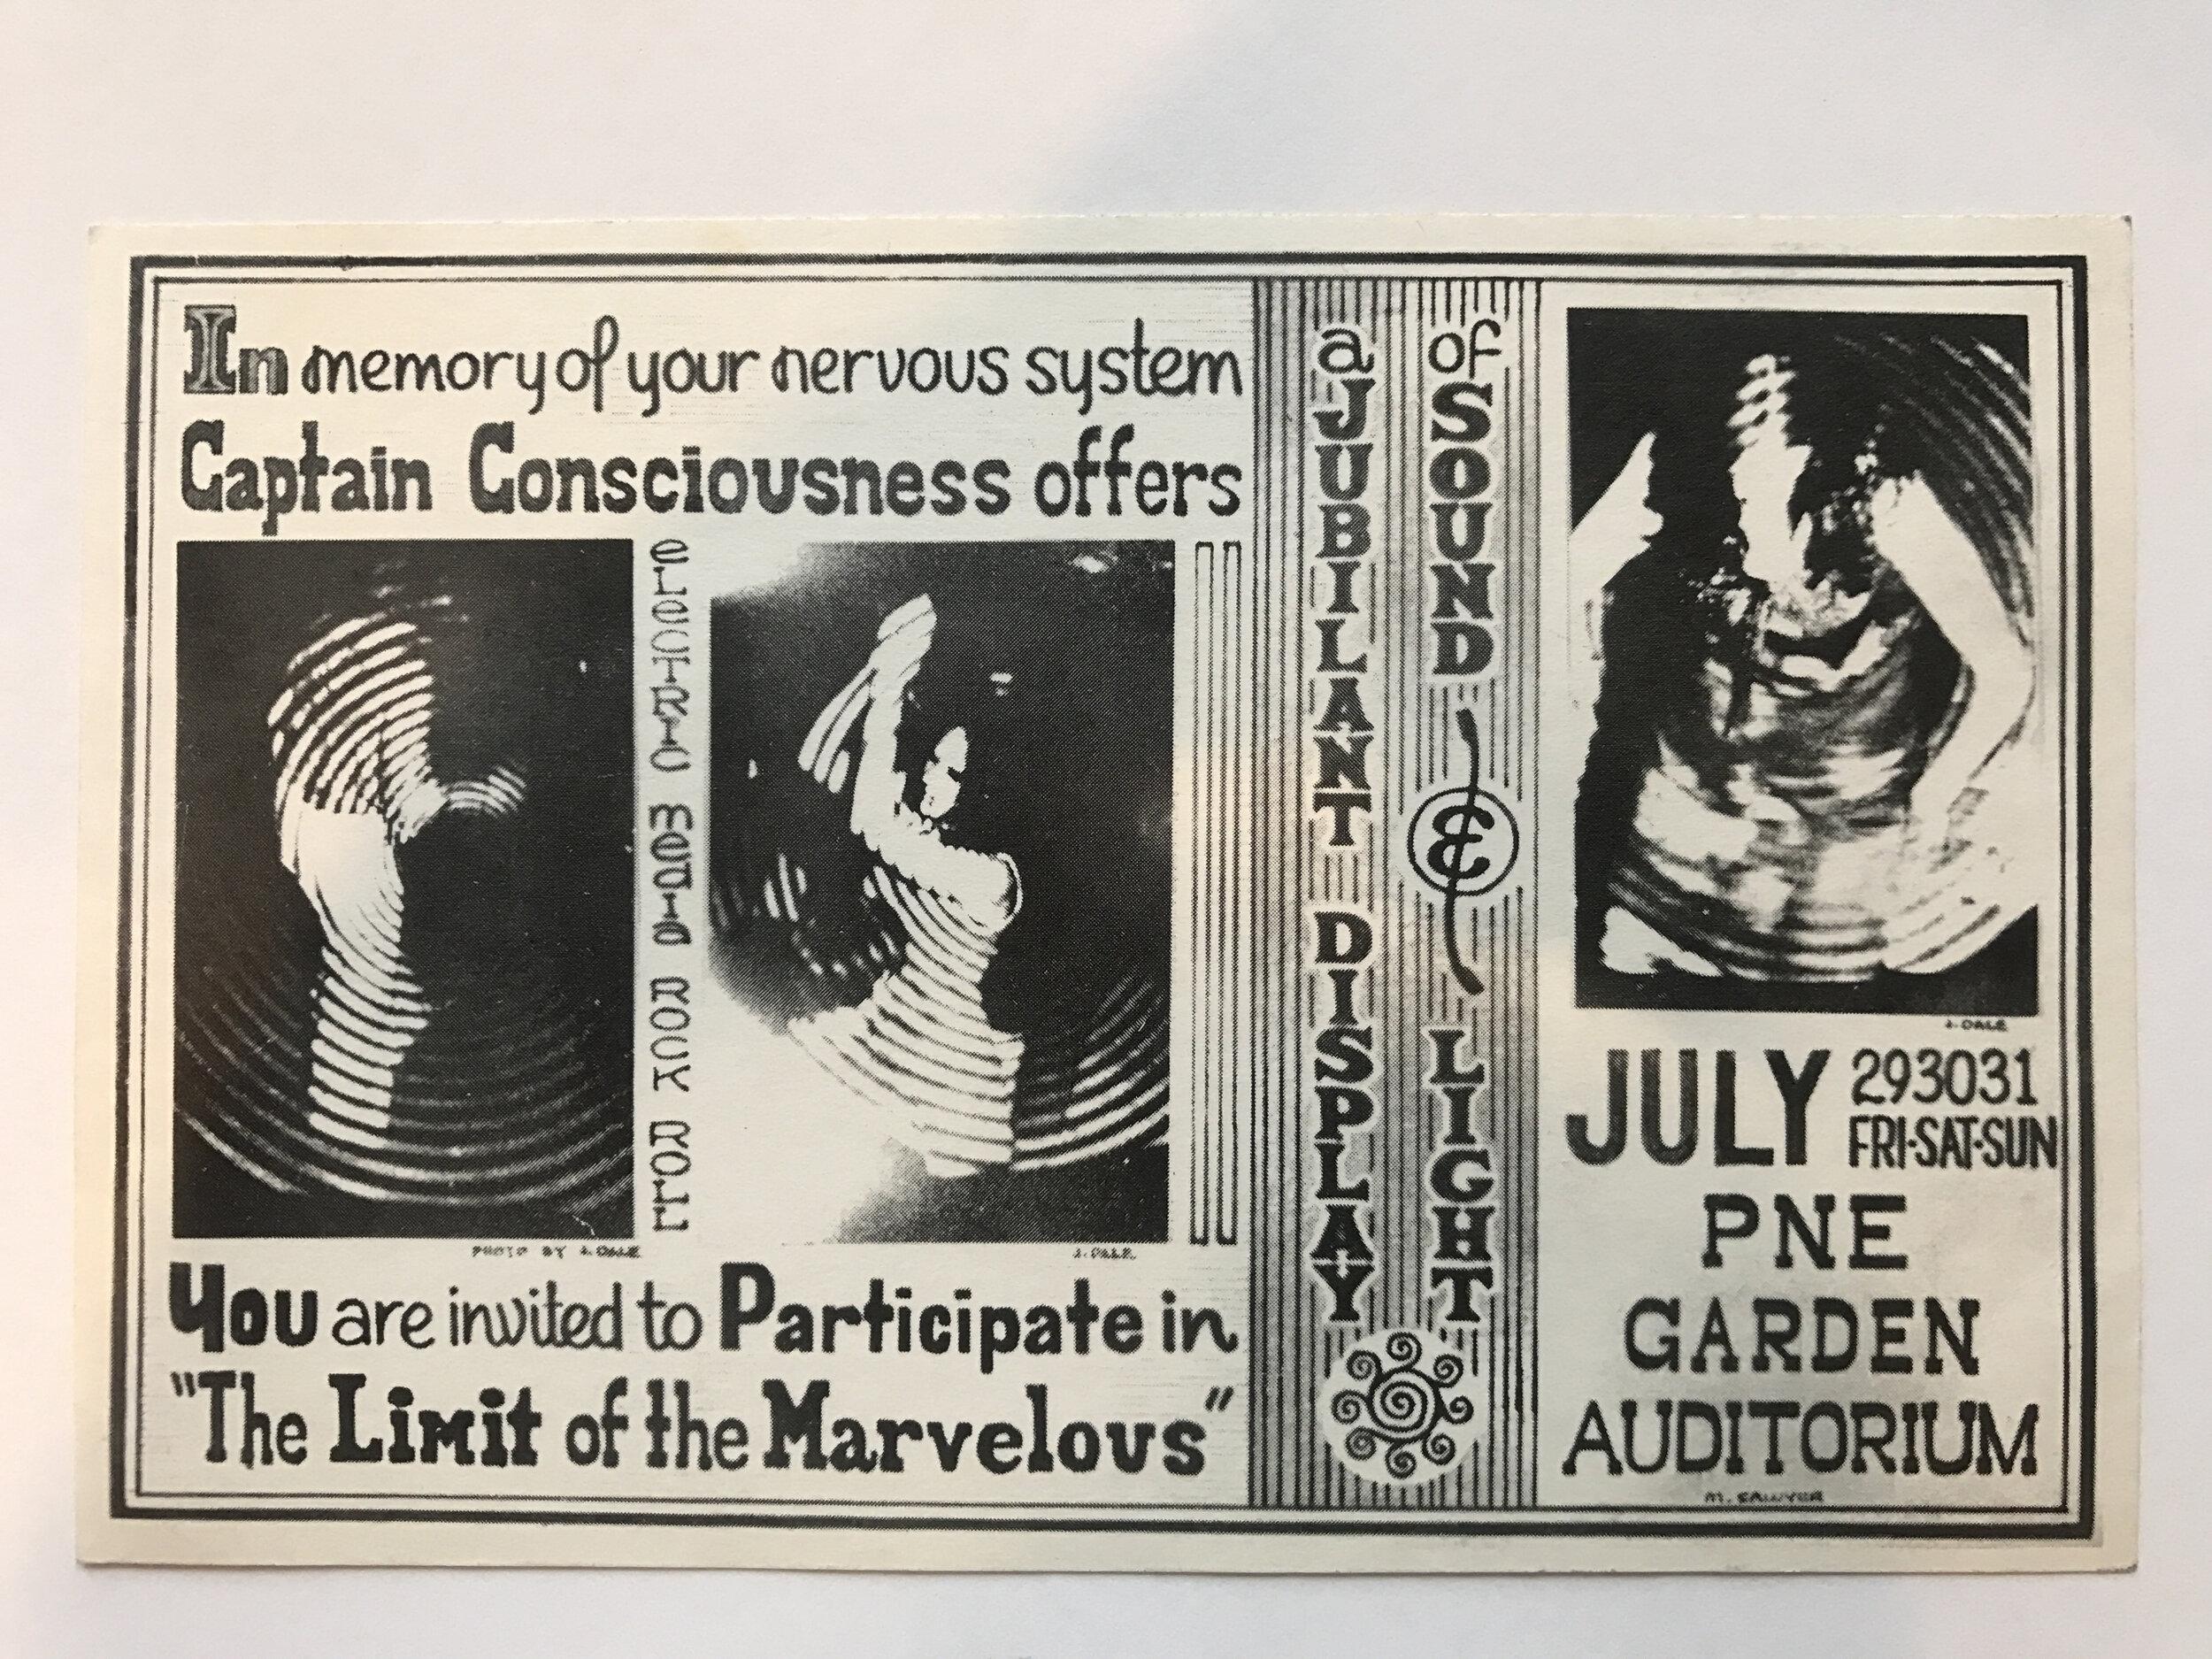 Trips Festival, PNE Garden Auditorium 1966 Ticket